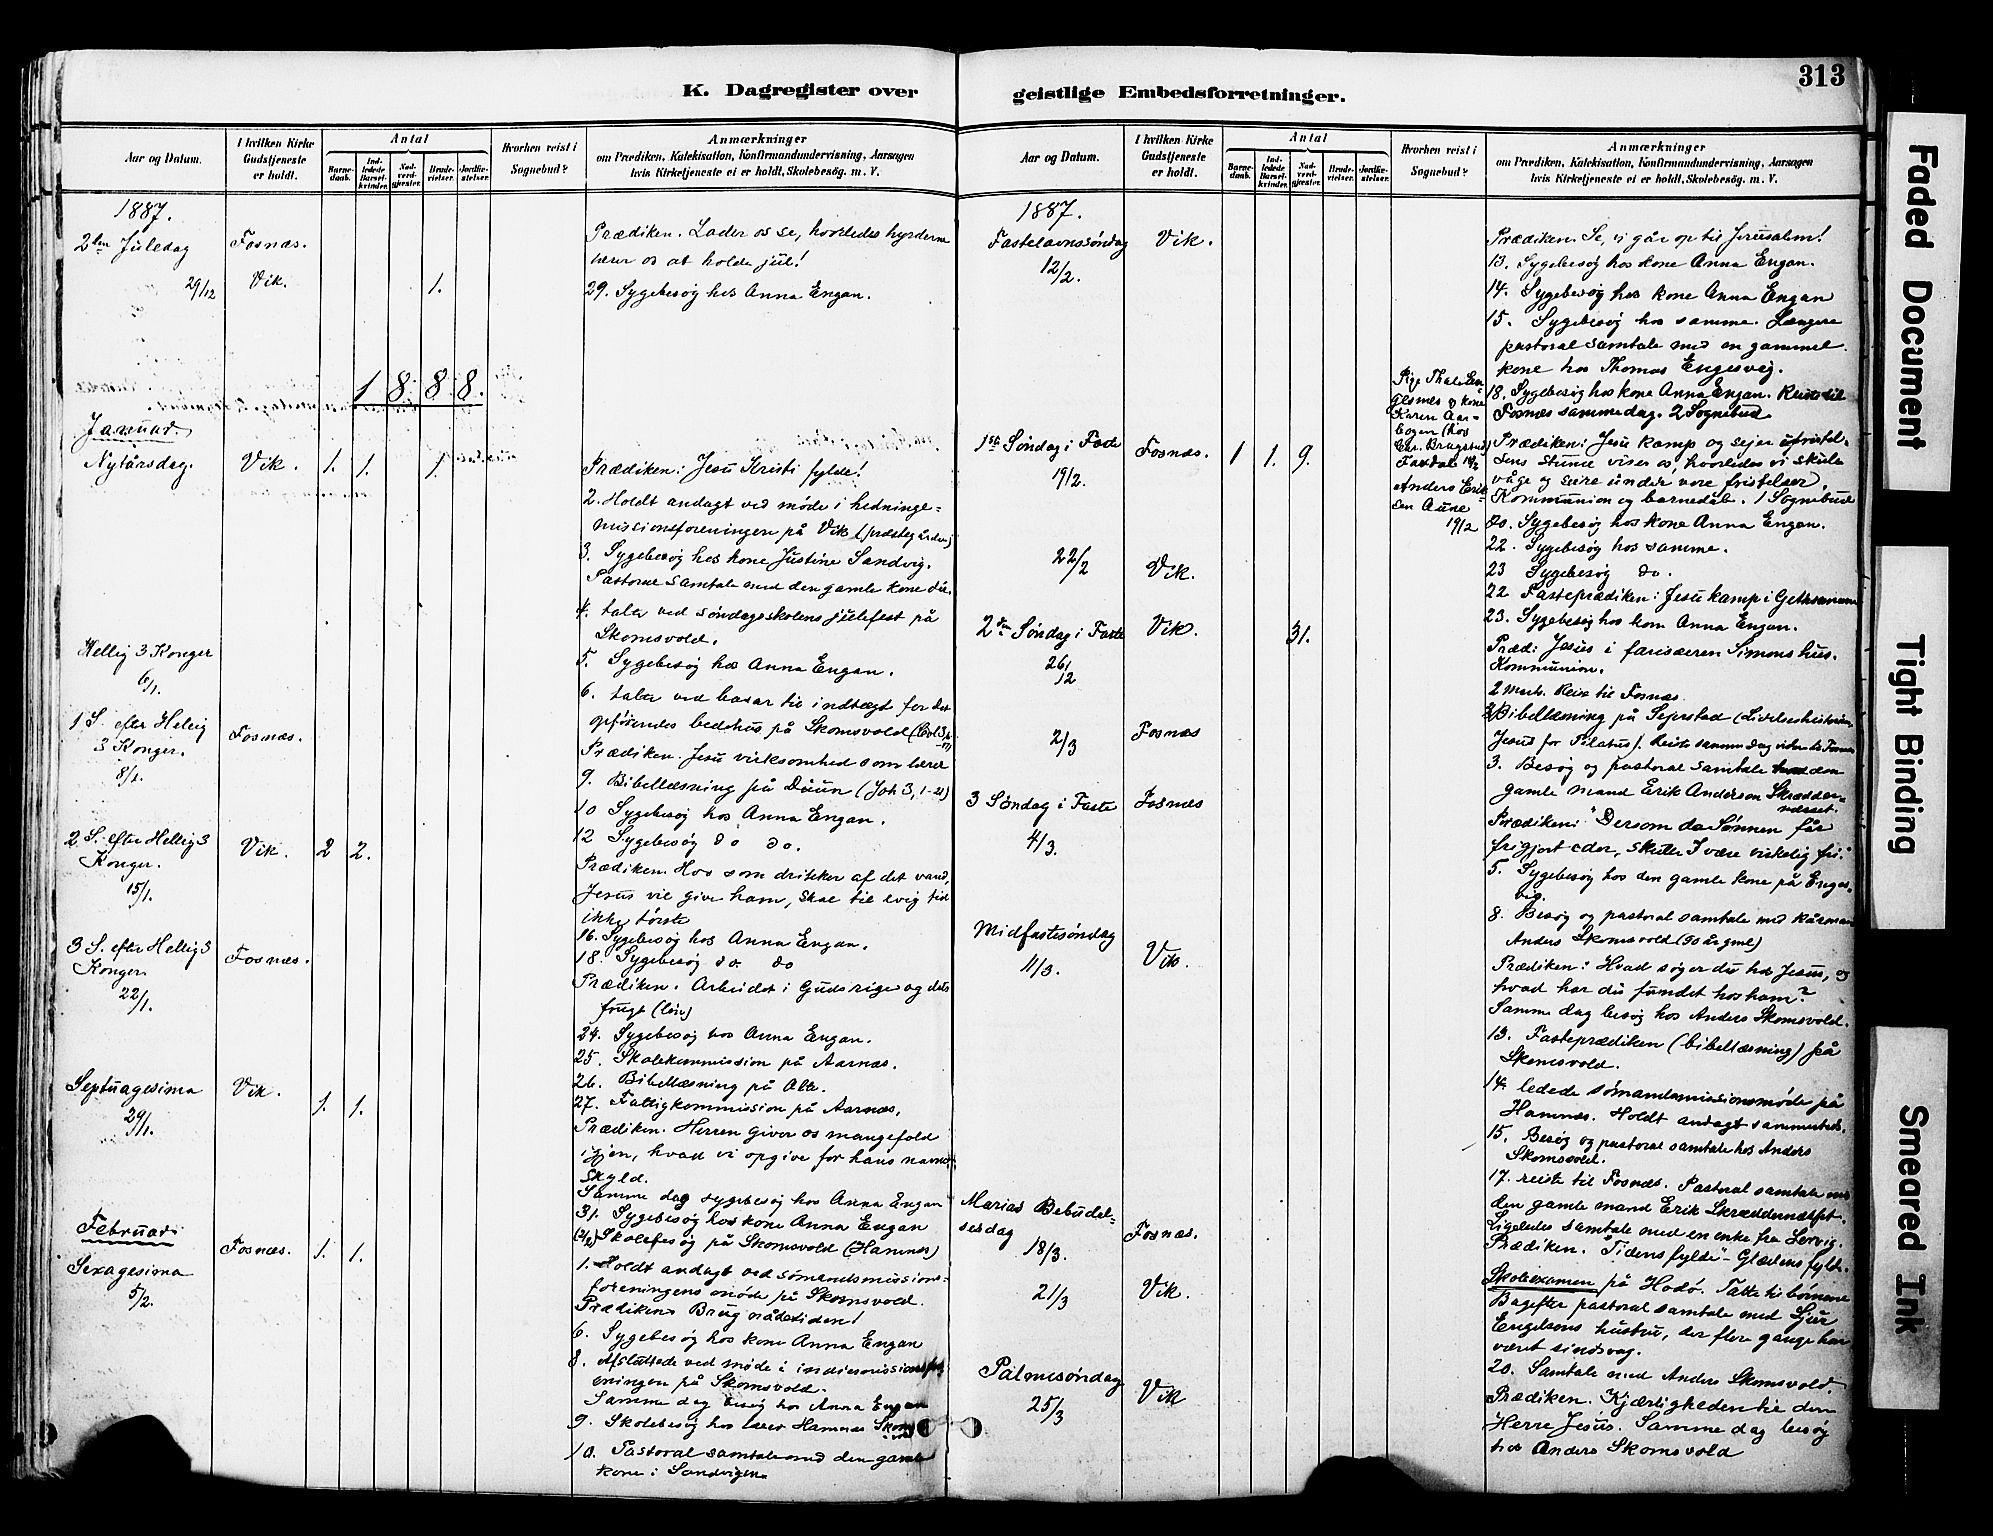 SAT, Ministerialprotokoller, klokkerbøker og fødselsregistre - Nord-Trøndelag, 774/L0628: Ministerialbok nr. 774A02, 1887-1903, s. 313